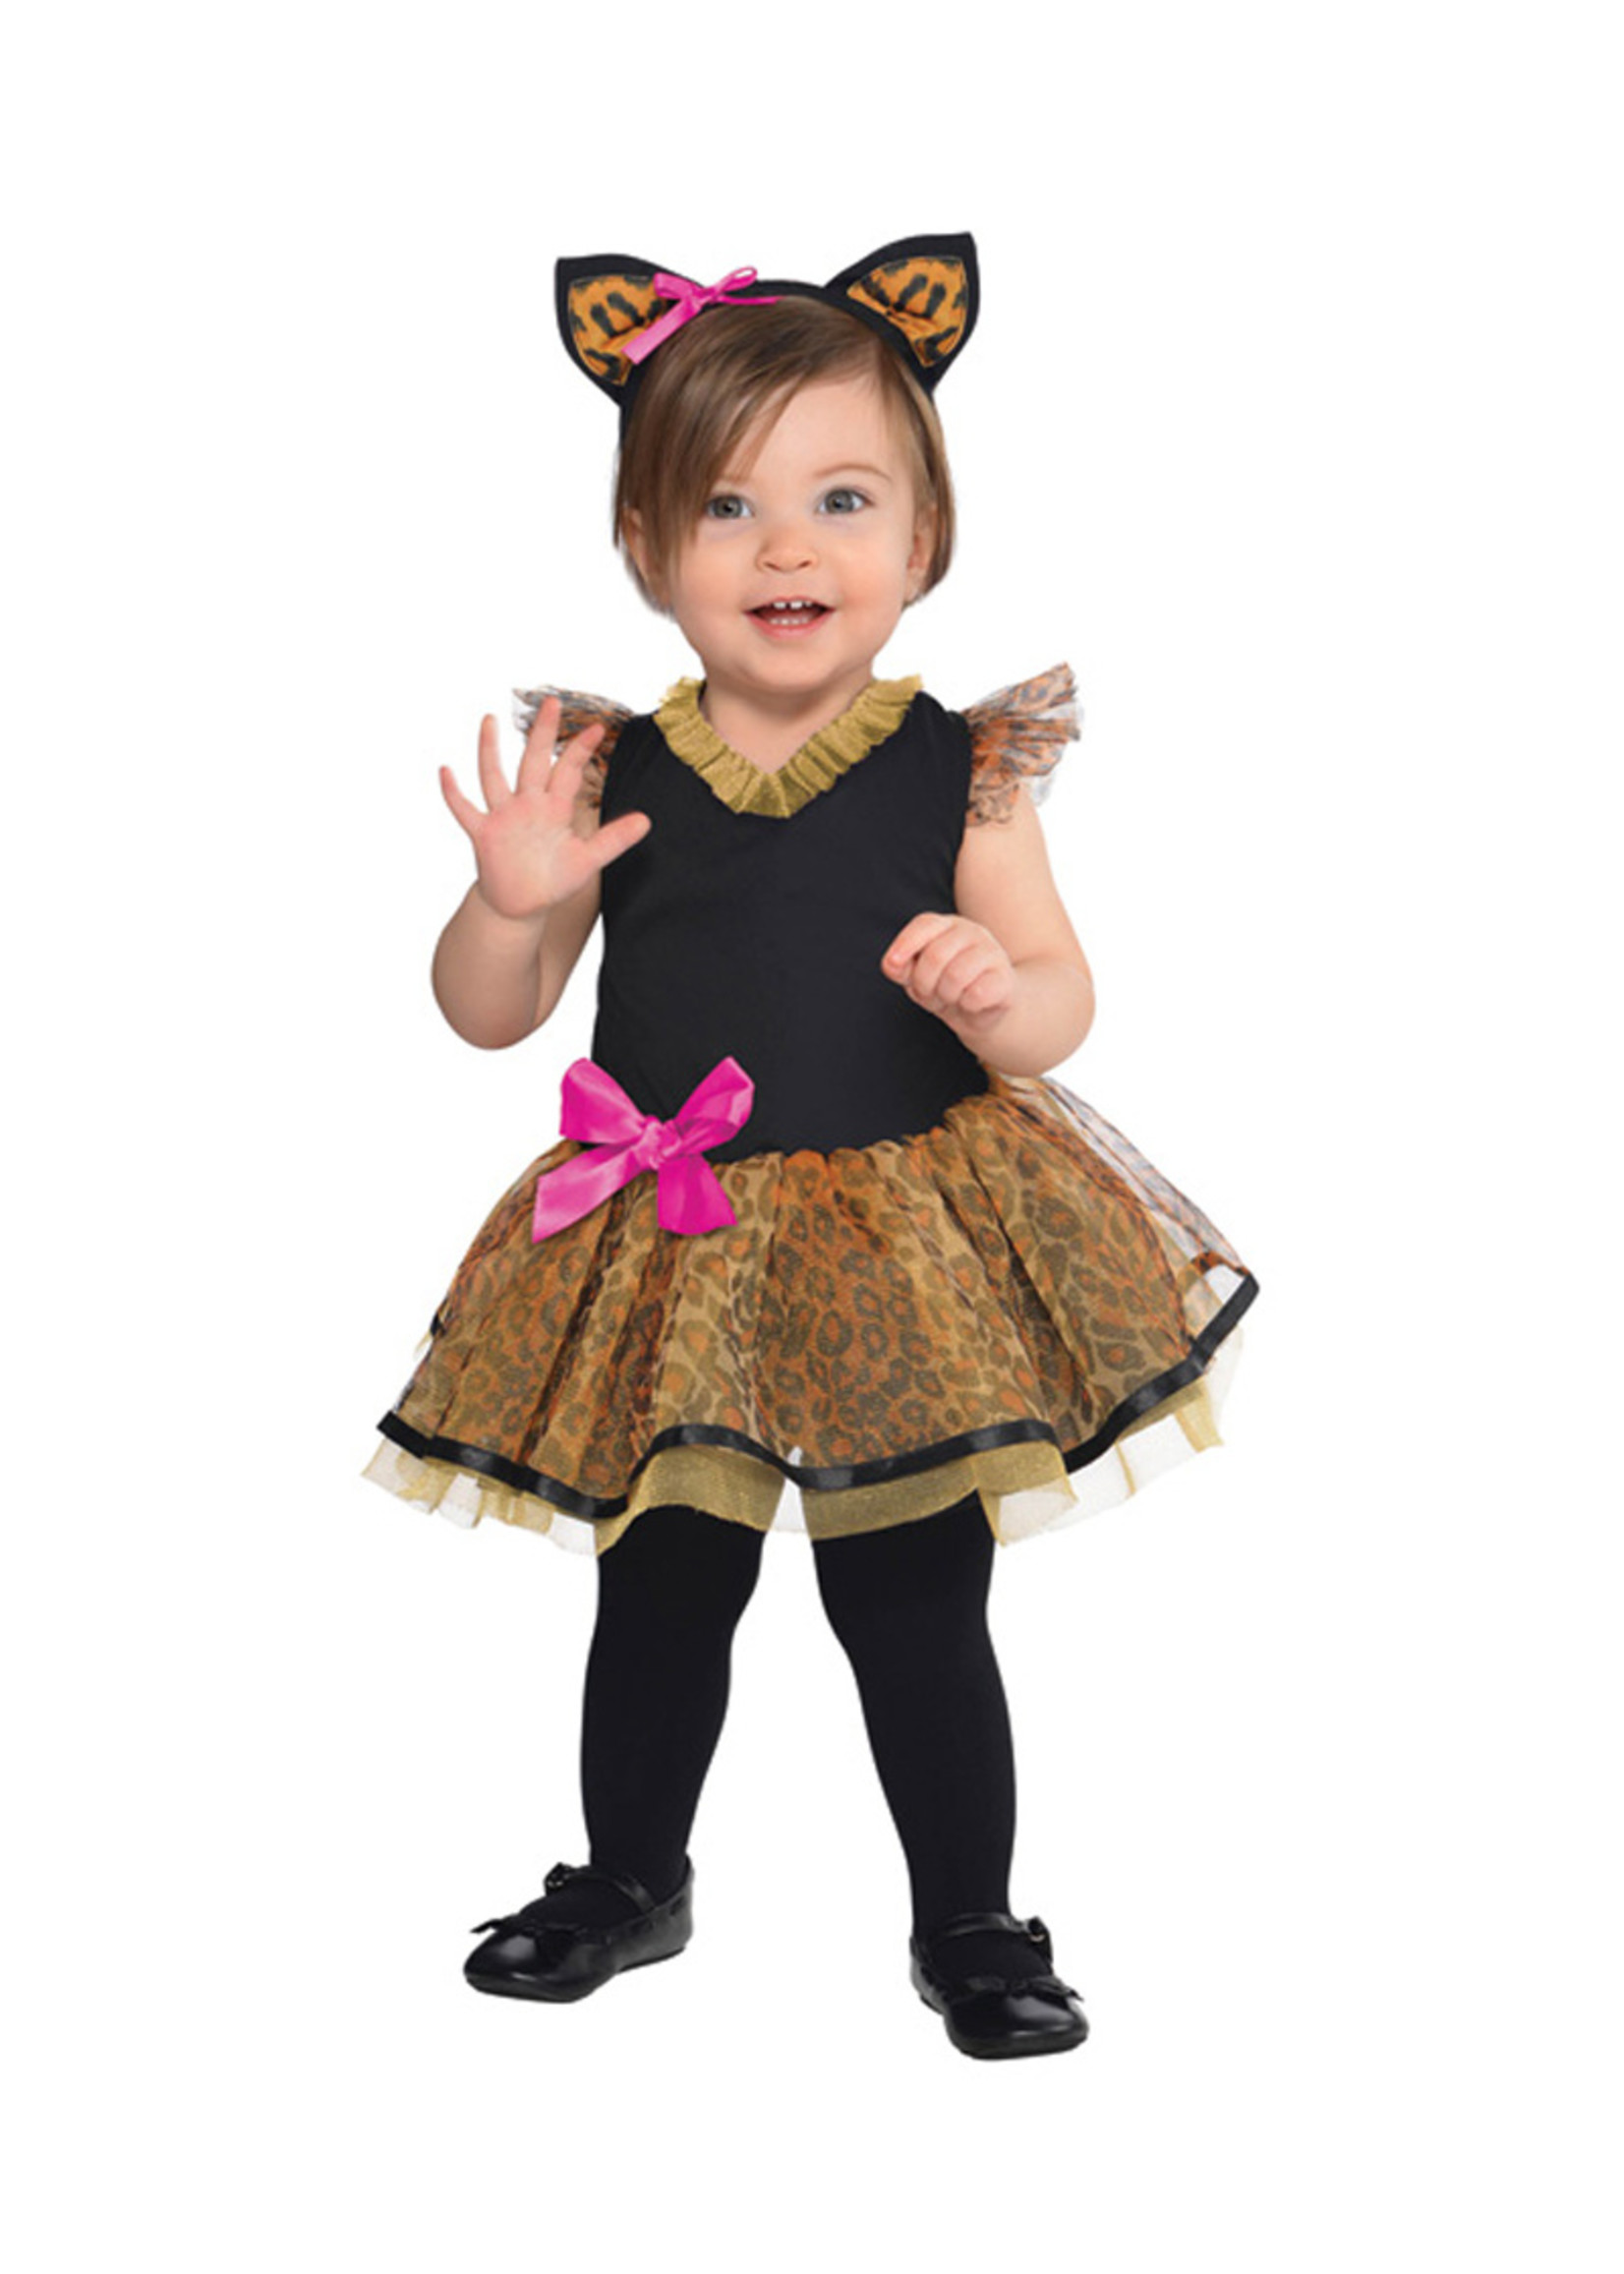 Cutie Cat Costume - Infant